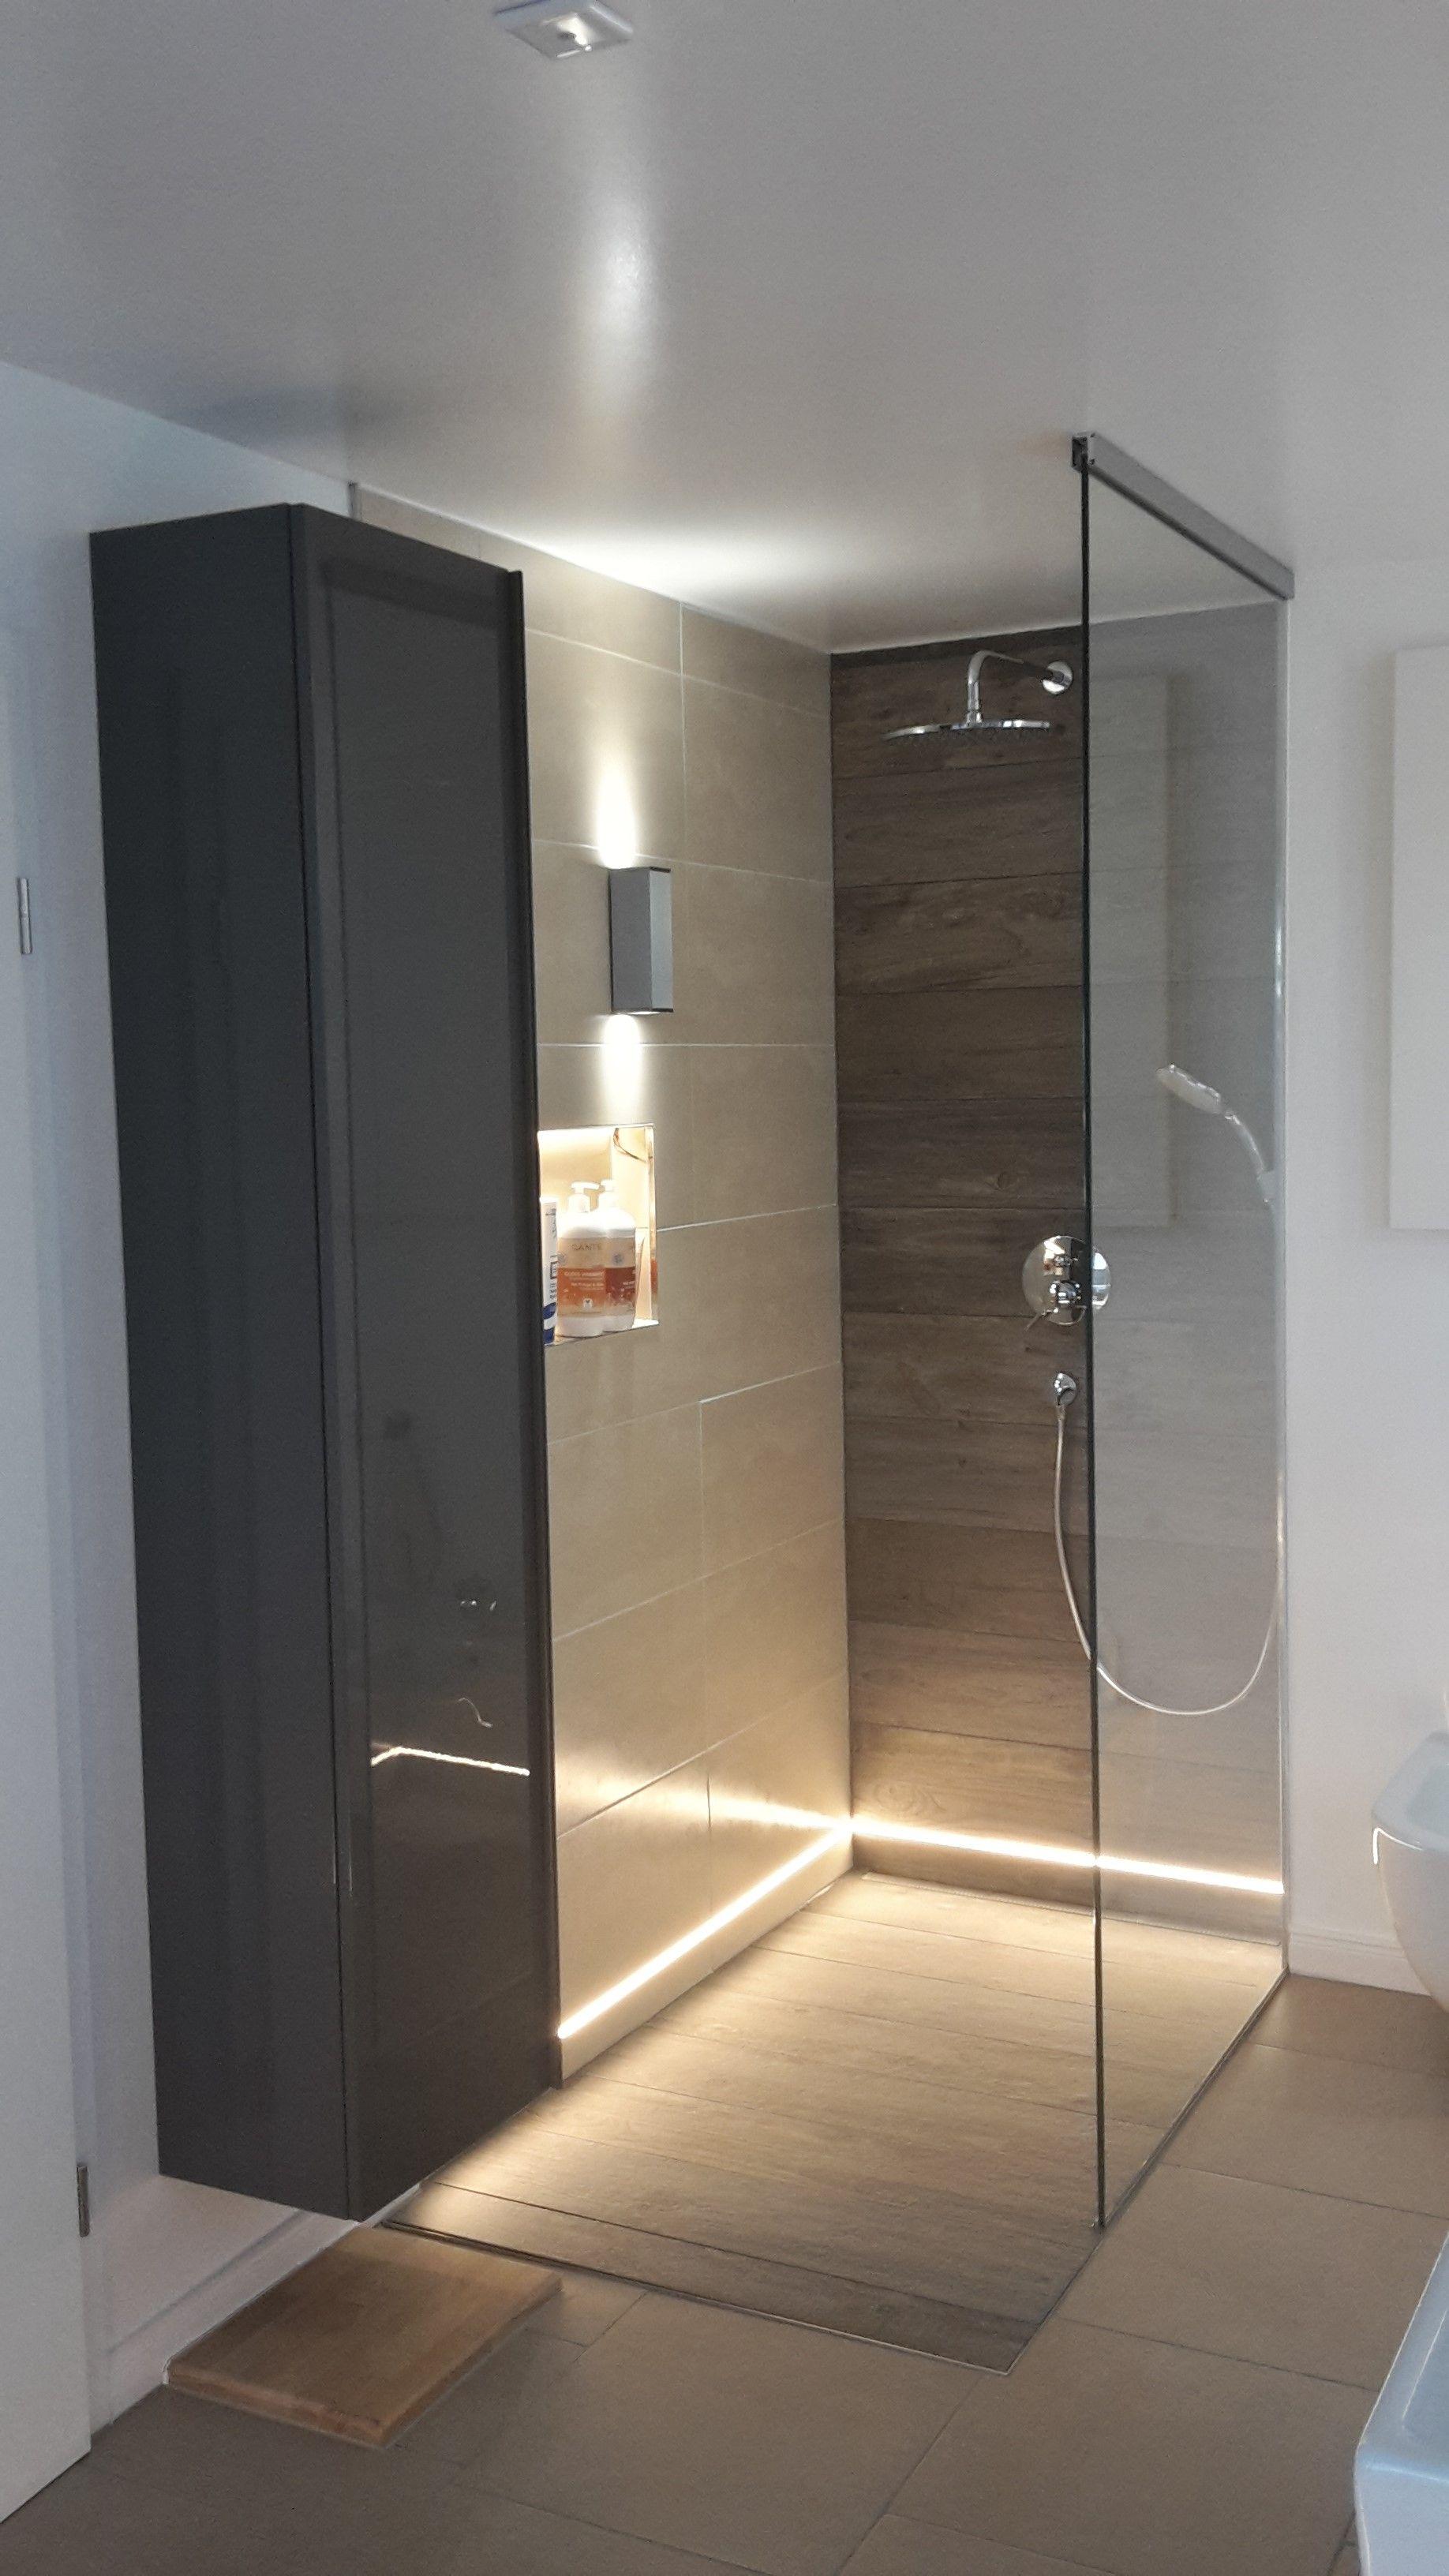 Begehbare Dusche Mit Warmweissen Led Streifen Ip65 Im Unteren Wandbereich Und Slv Theo Up Down Out Im Oberen Begehbare Dusche Dusche Beleuchtung Moderne Dusche